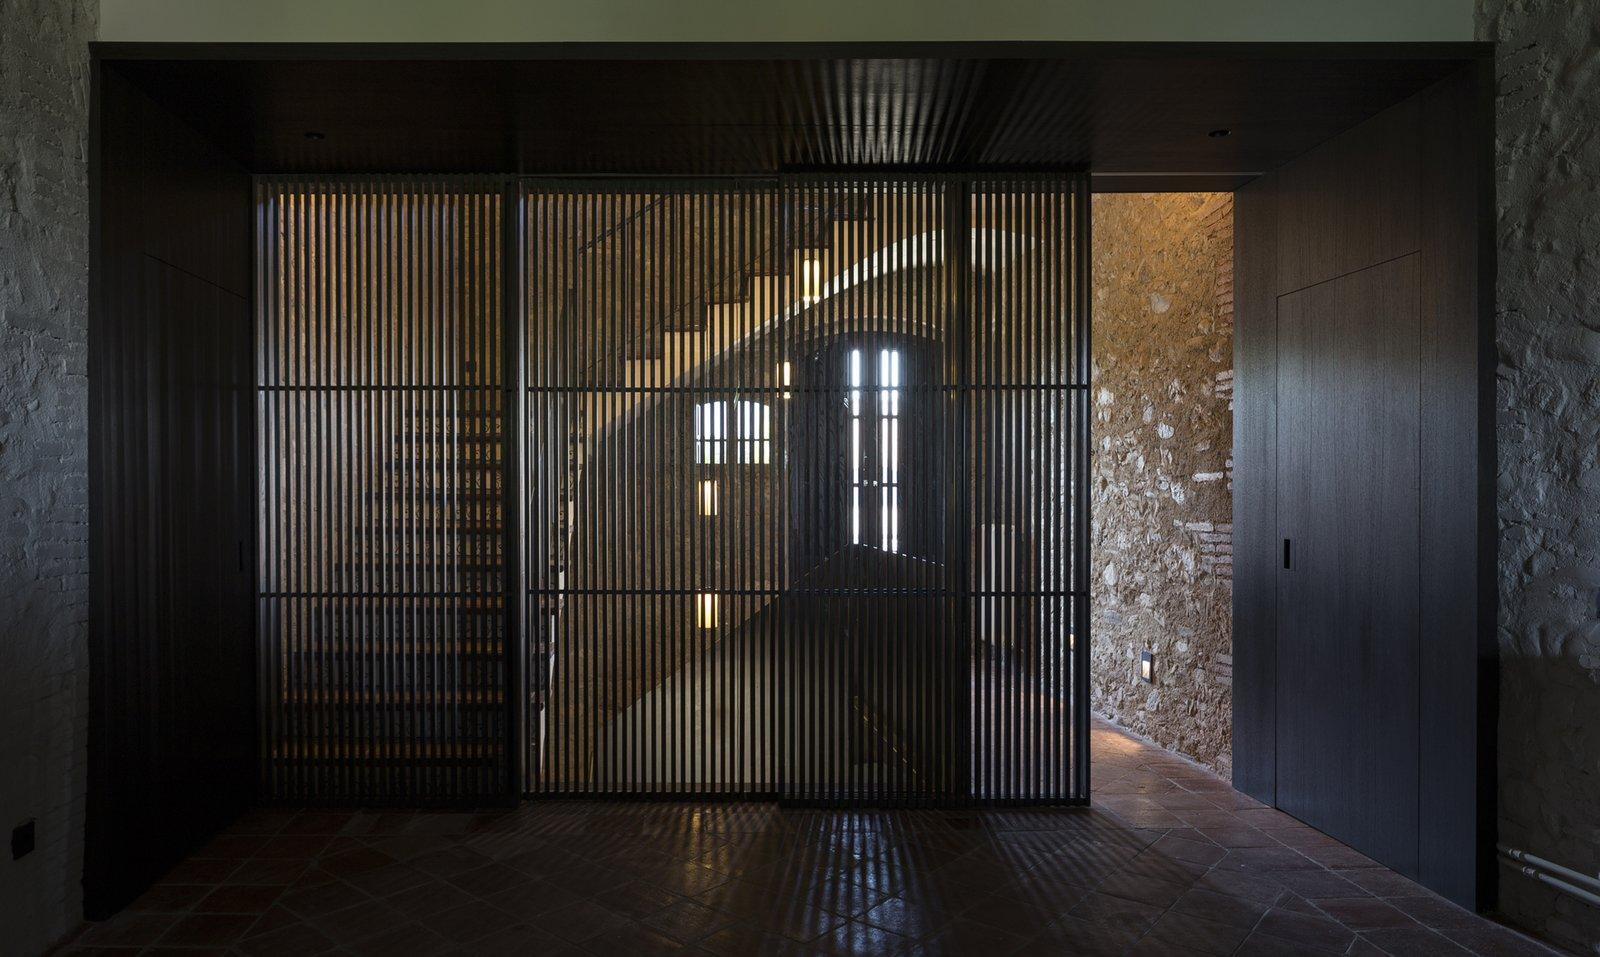 Hallway and Ceramic Tile Floor  Sant Martí House by Francesc Rifé Studio